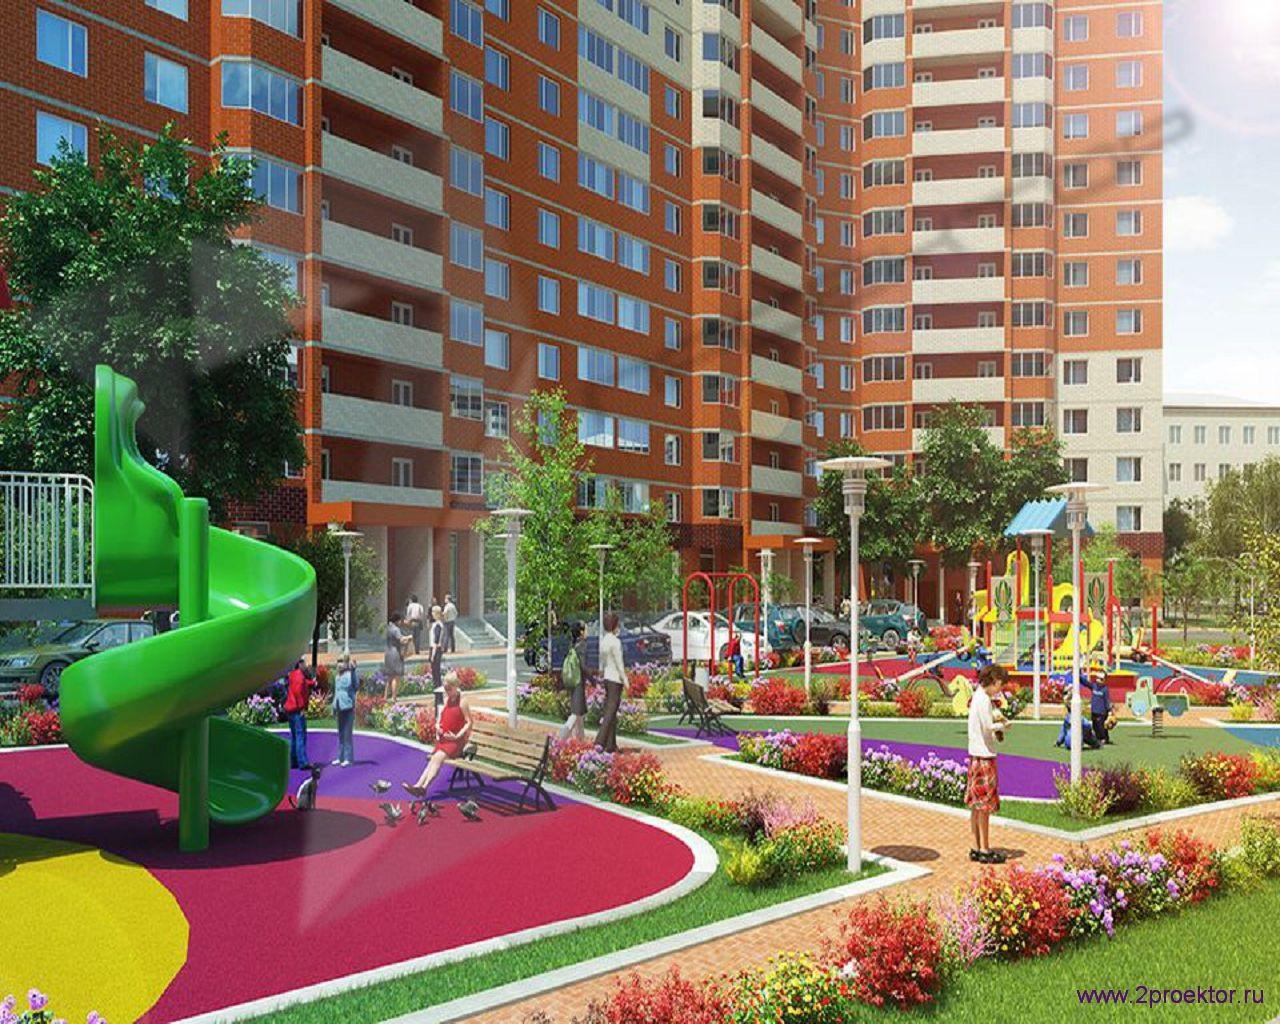 Детская площадка в Жилом комплексе Корона.